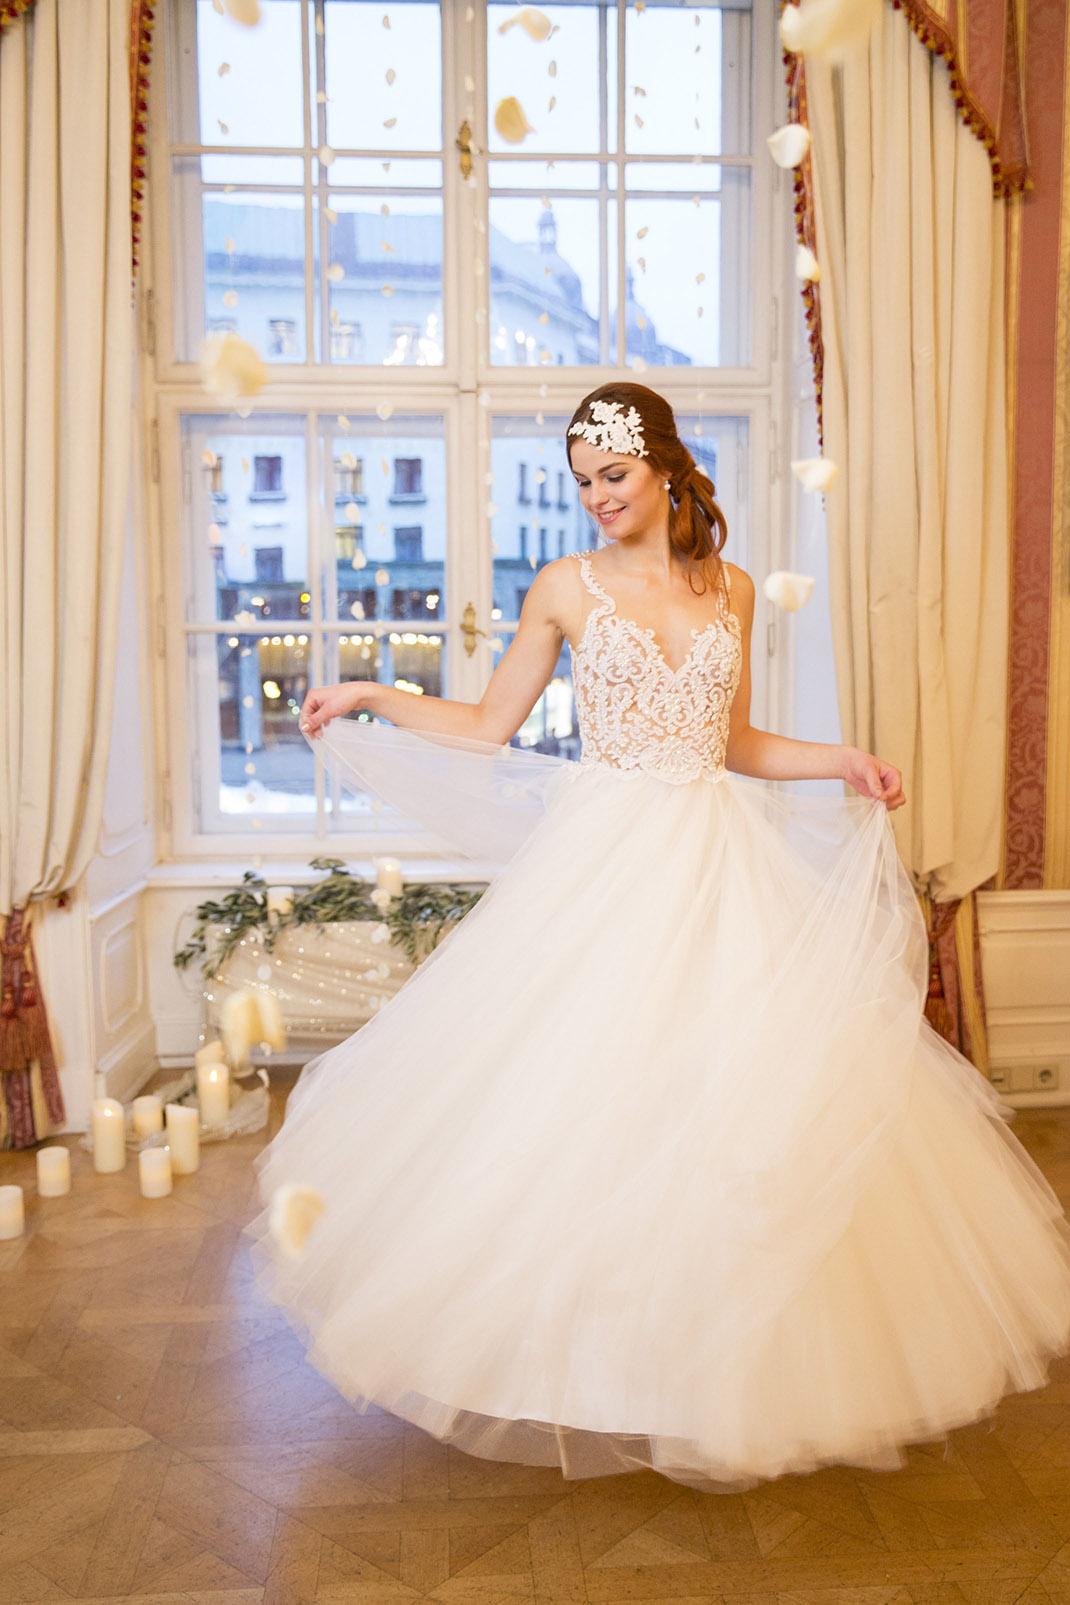 dieElfe_Hochzeitsfotograf_Spanische_Hofreitschule_Vienna_wedding_photography-47